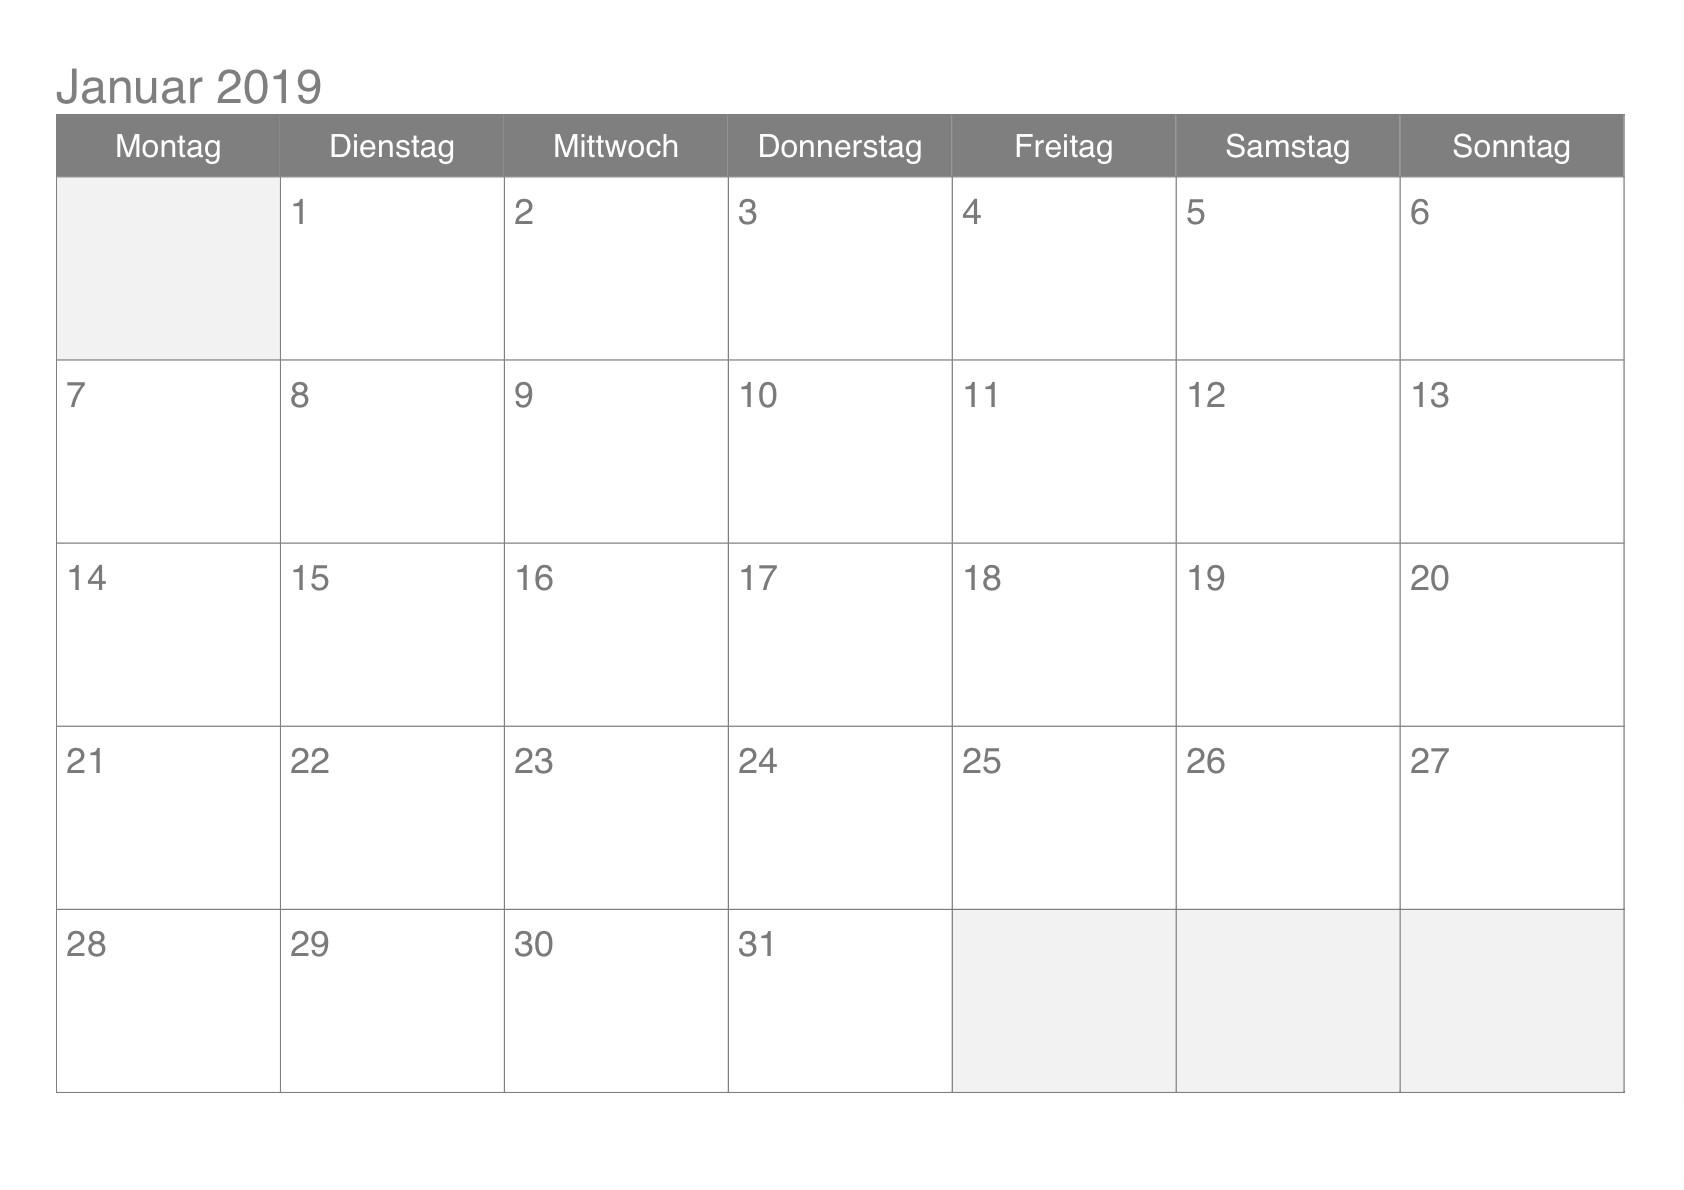 Calendario Oficial De Feriados 2020 Más Actual 11 Best Calendario Enero 2019 Argentina Images Of Calendario Oficial De Feriados 2020 Más Populares Calaméo Diario De Noticias De lava